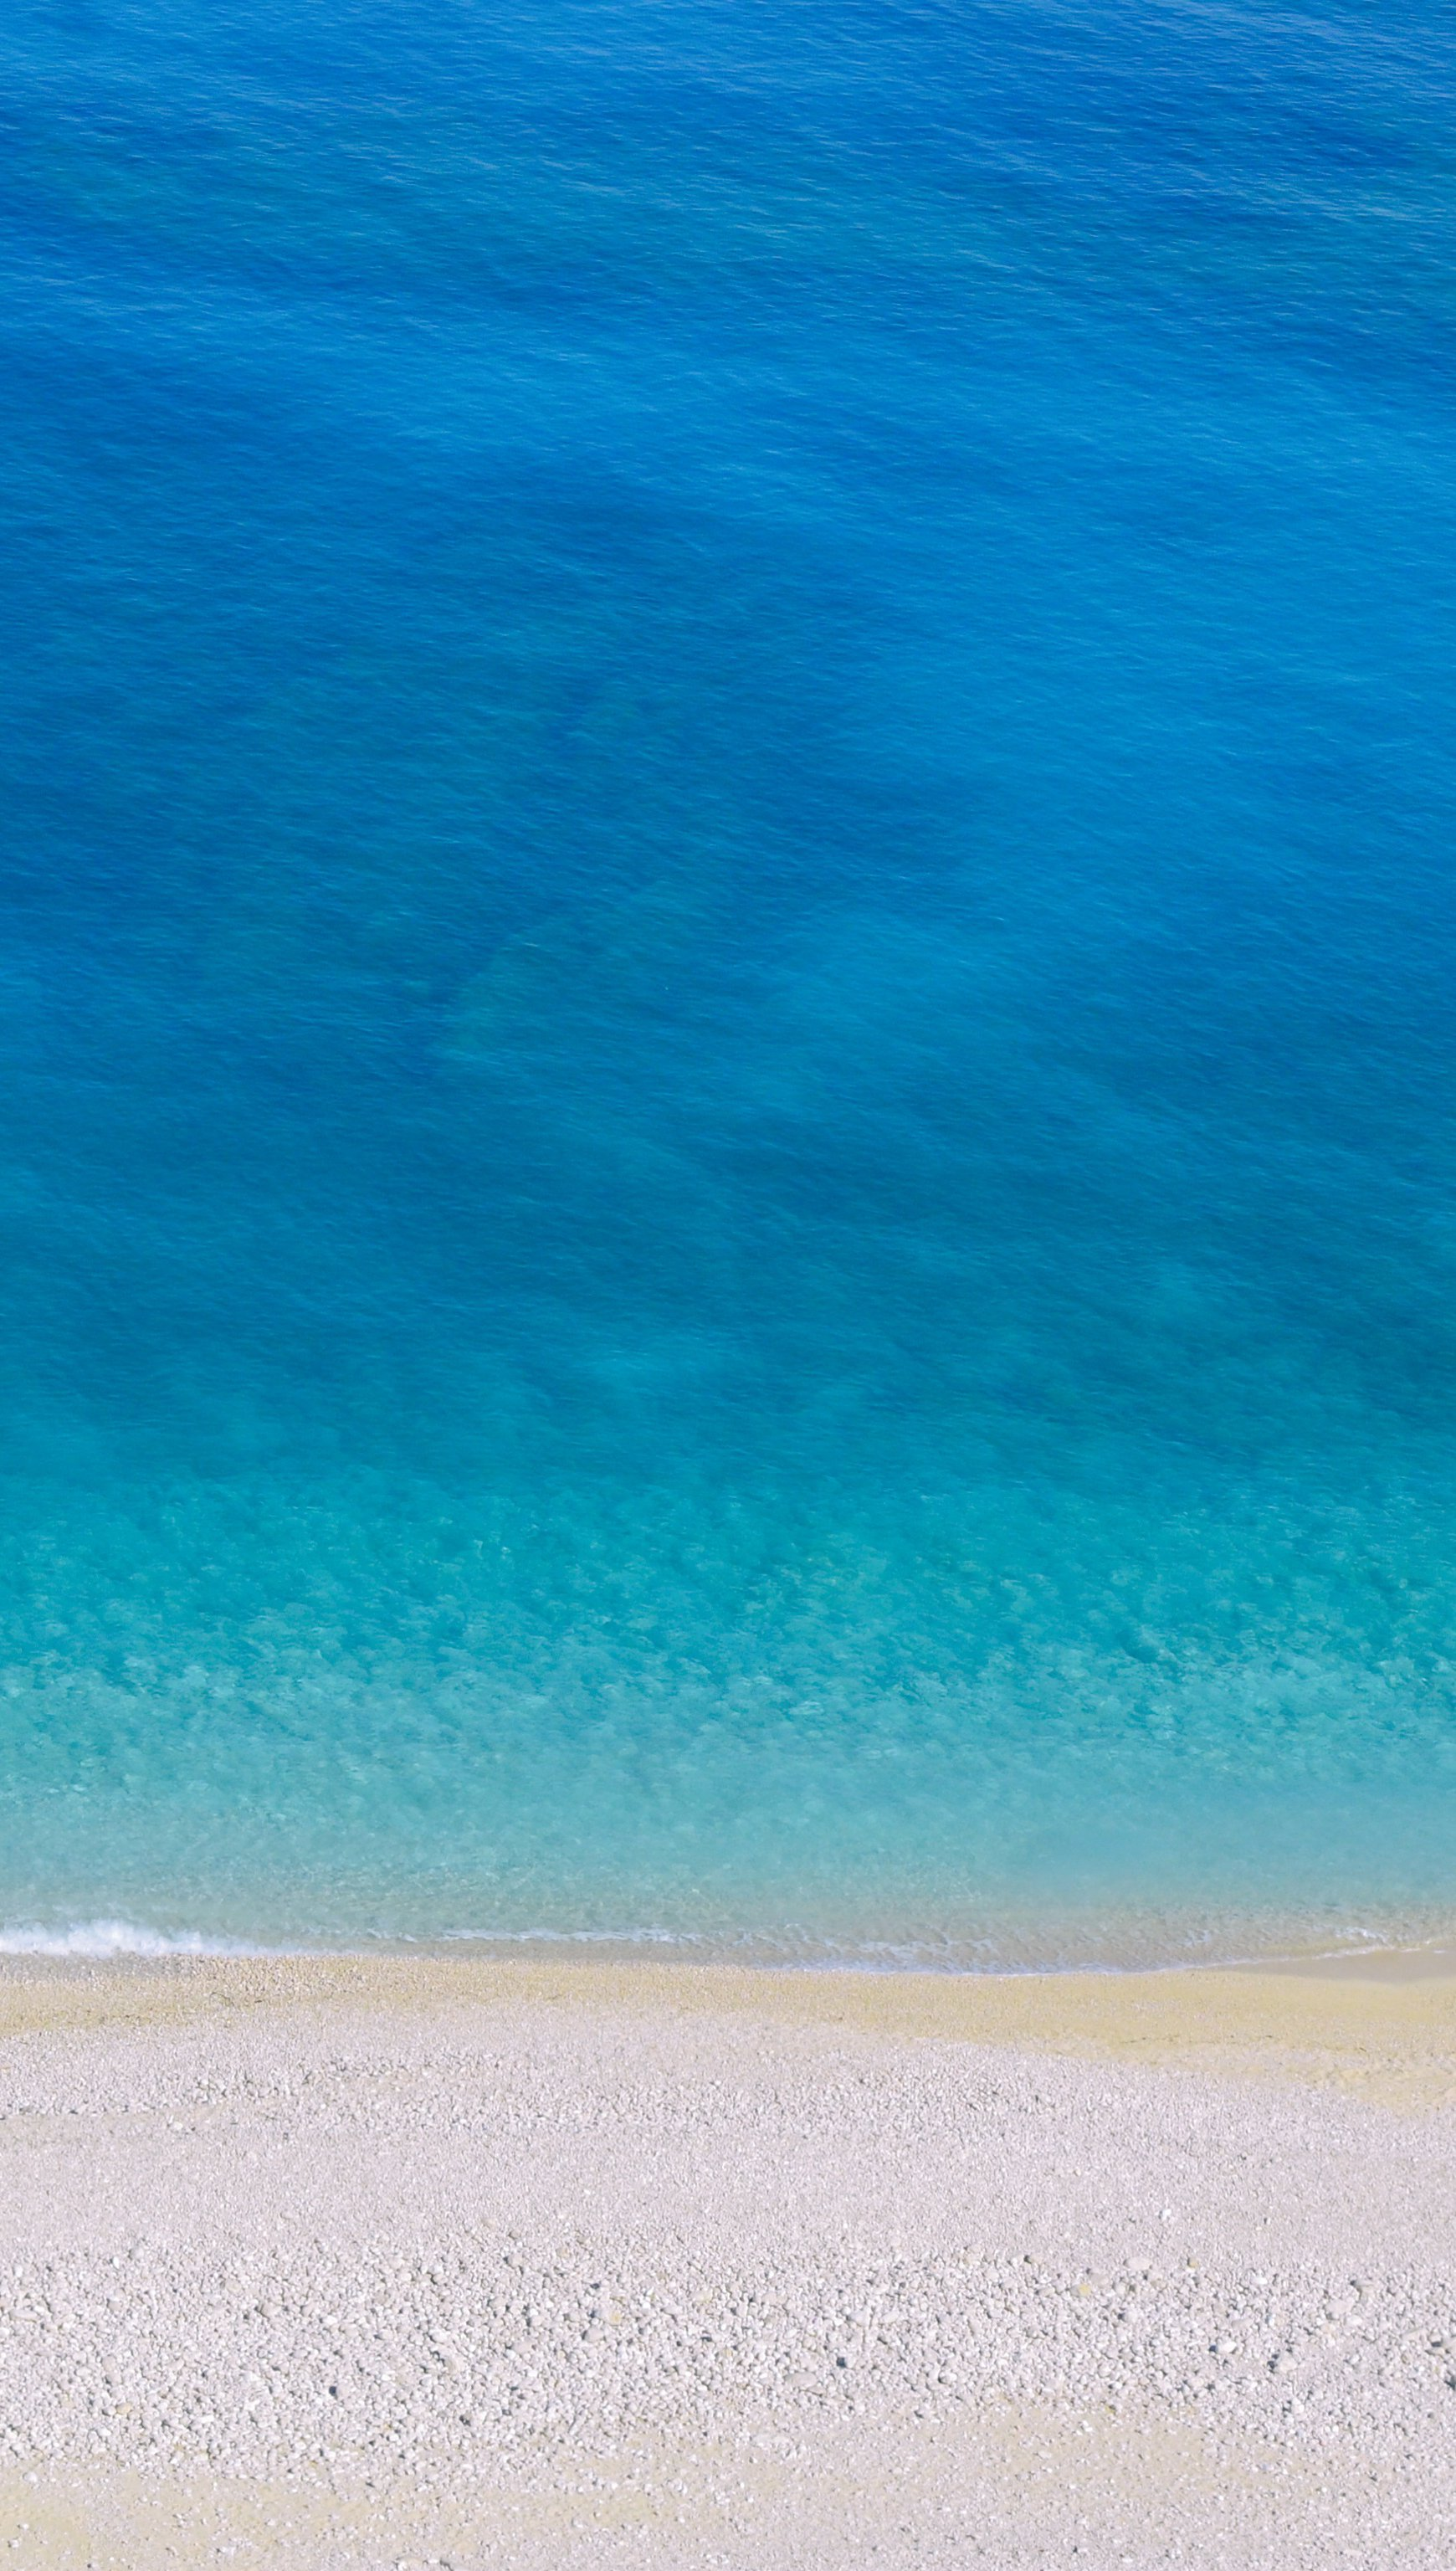 Fondos de pantalla Isla turquesa playa Vista aérea Vertical